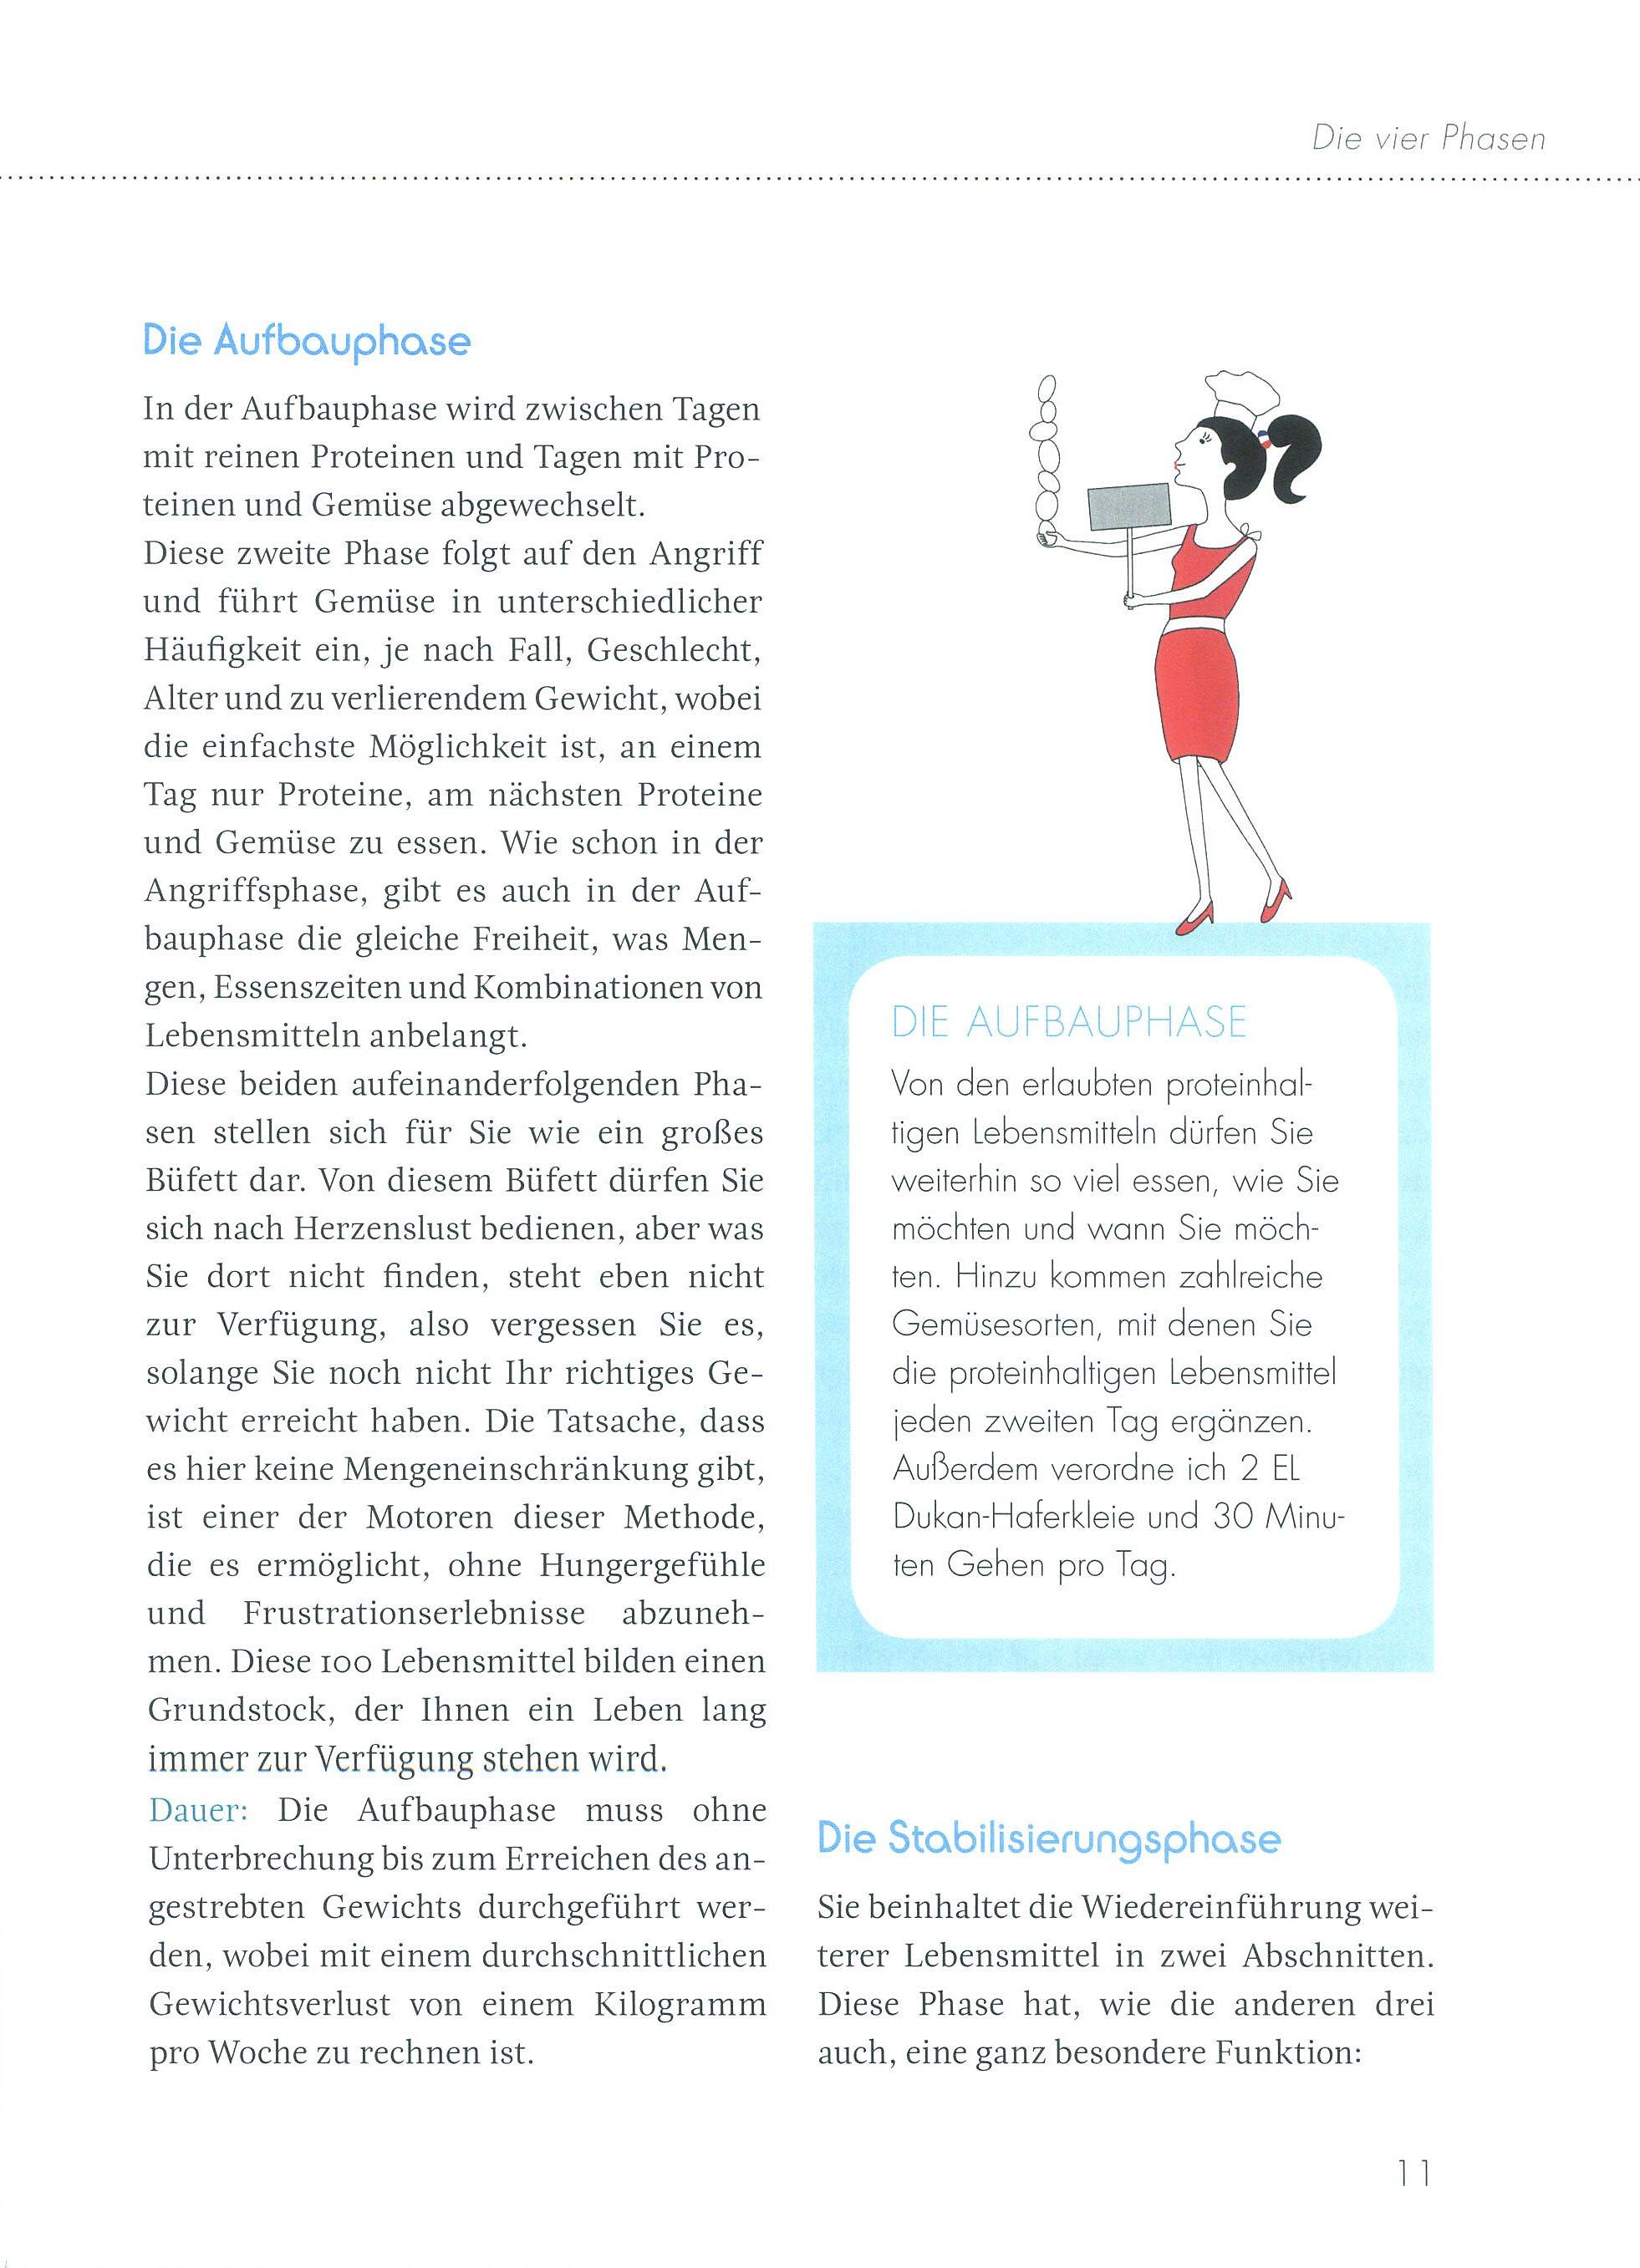 Die Dukan Diat Buch Von Pierre Dukan Portofrei Bei Weltbild Ch